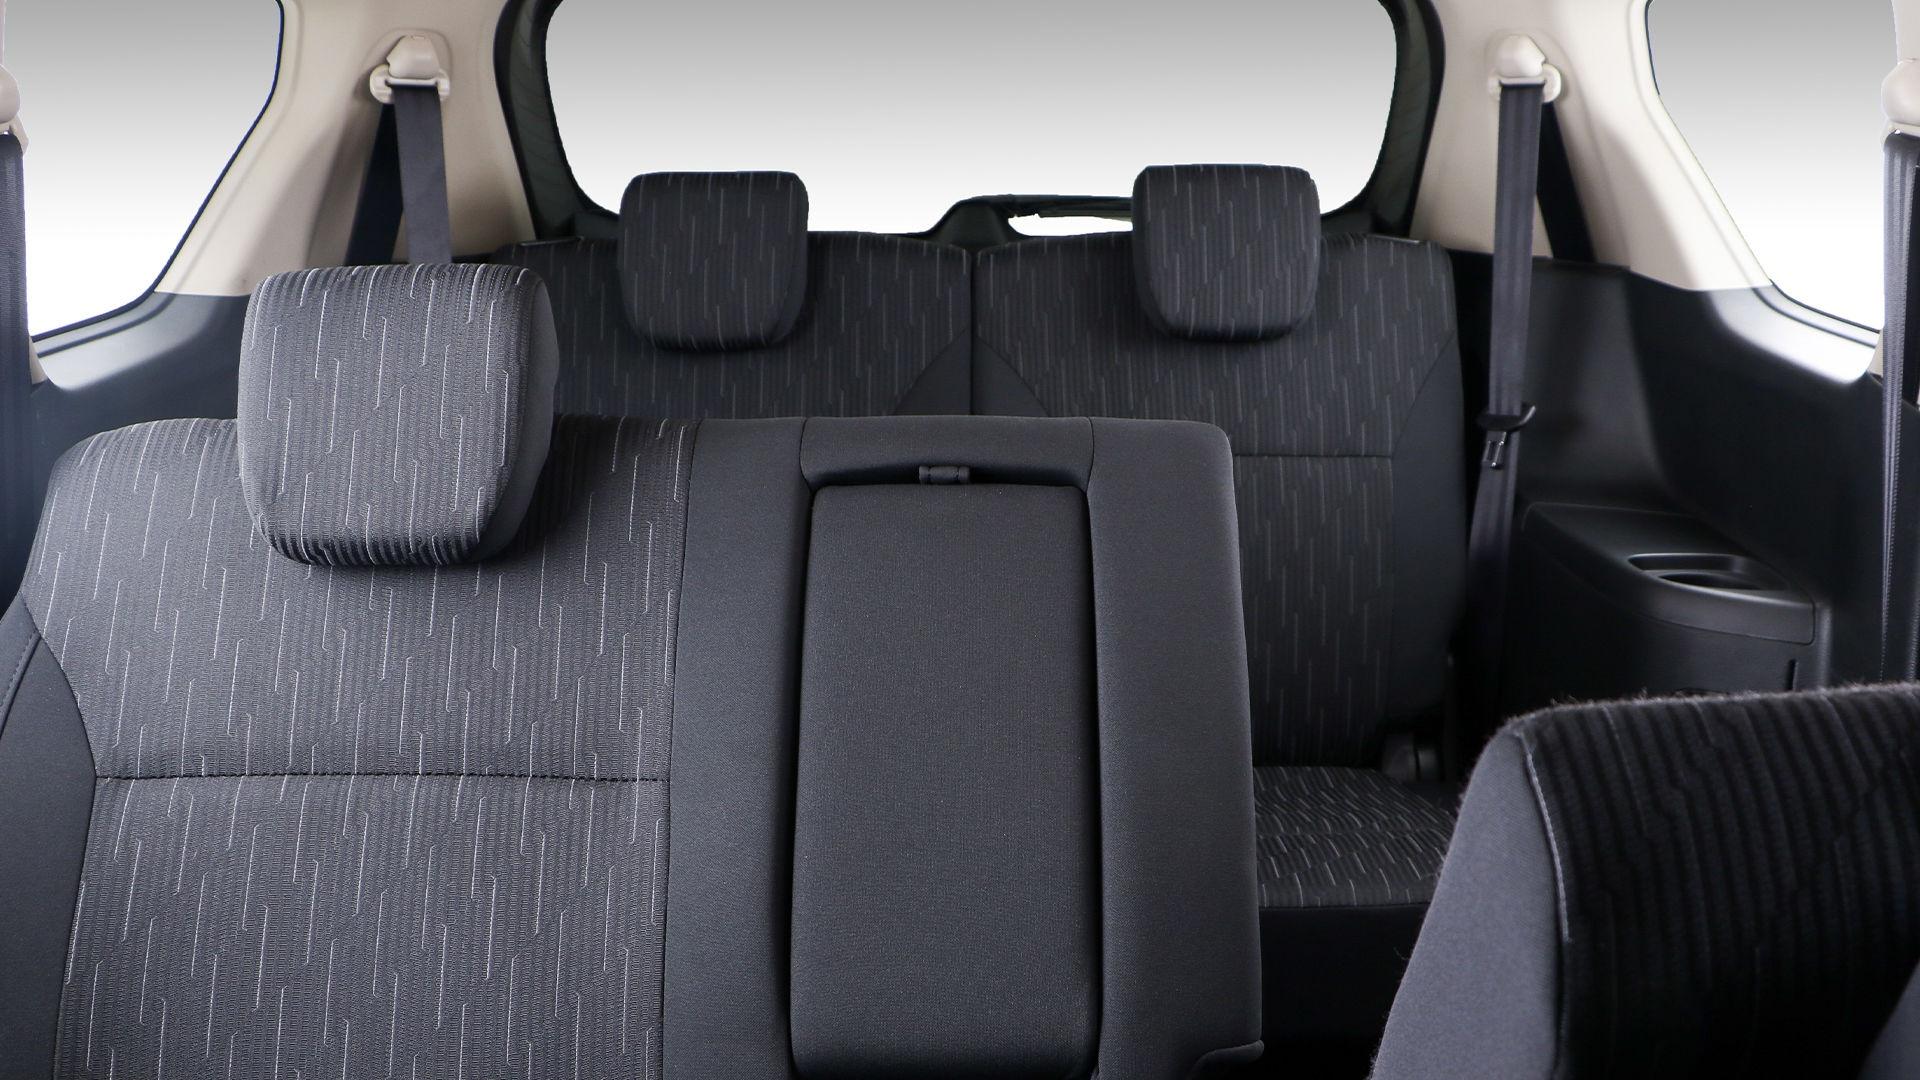 Toyota giới thiệu xe 7 chỗ mới tại Nam Phi - ảnh 2